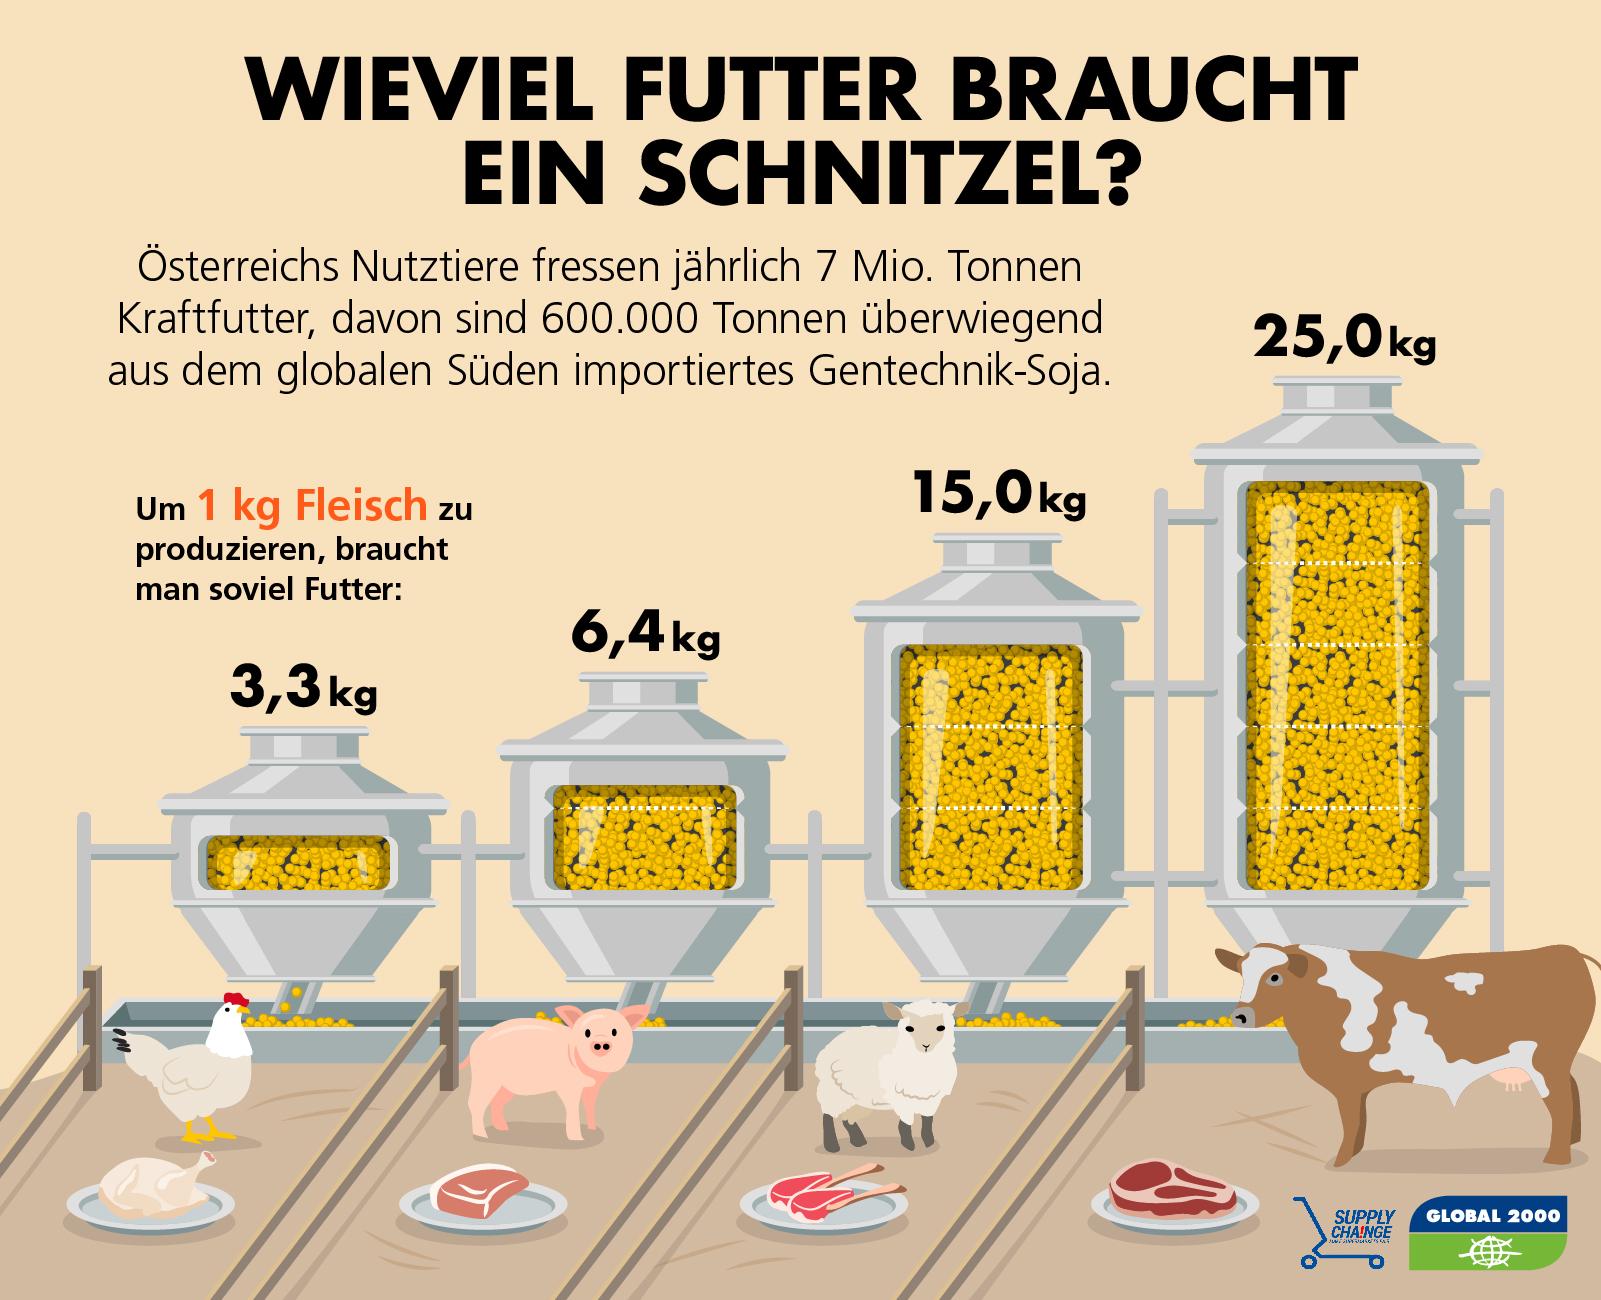 Futtermittelverbrauch für ein Kilogramm Fleisch